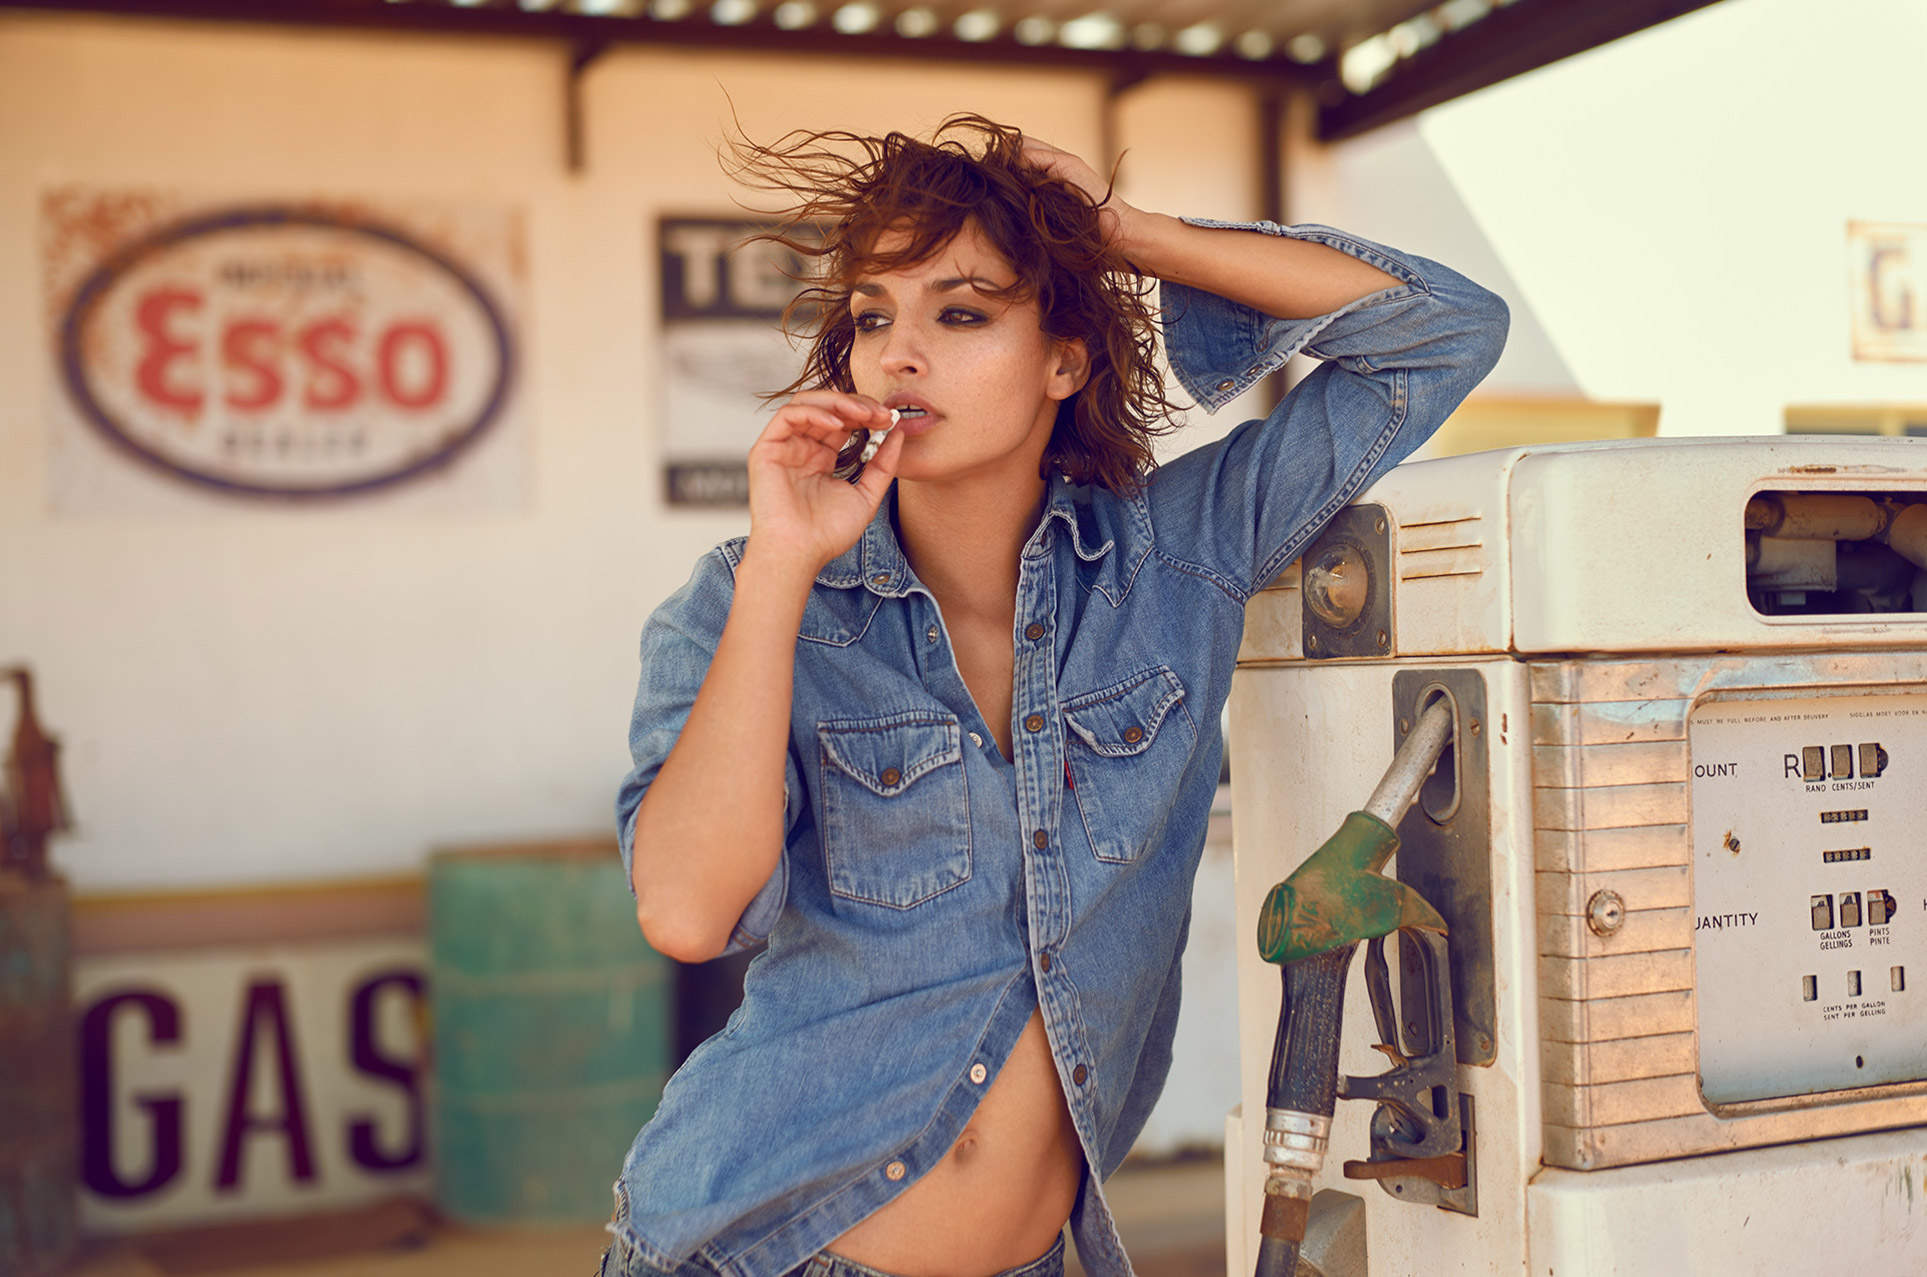 курящая девушка на автозаправке